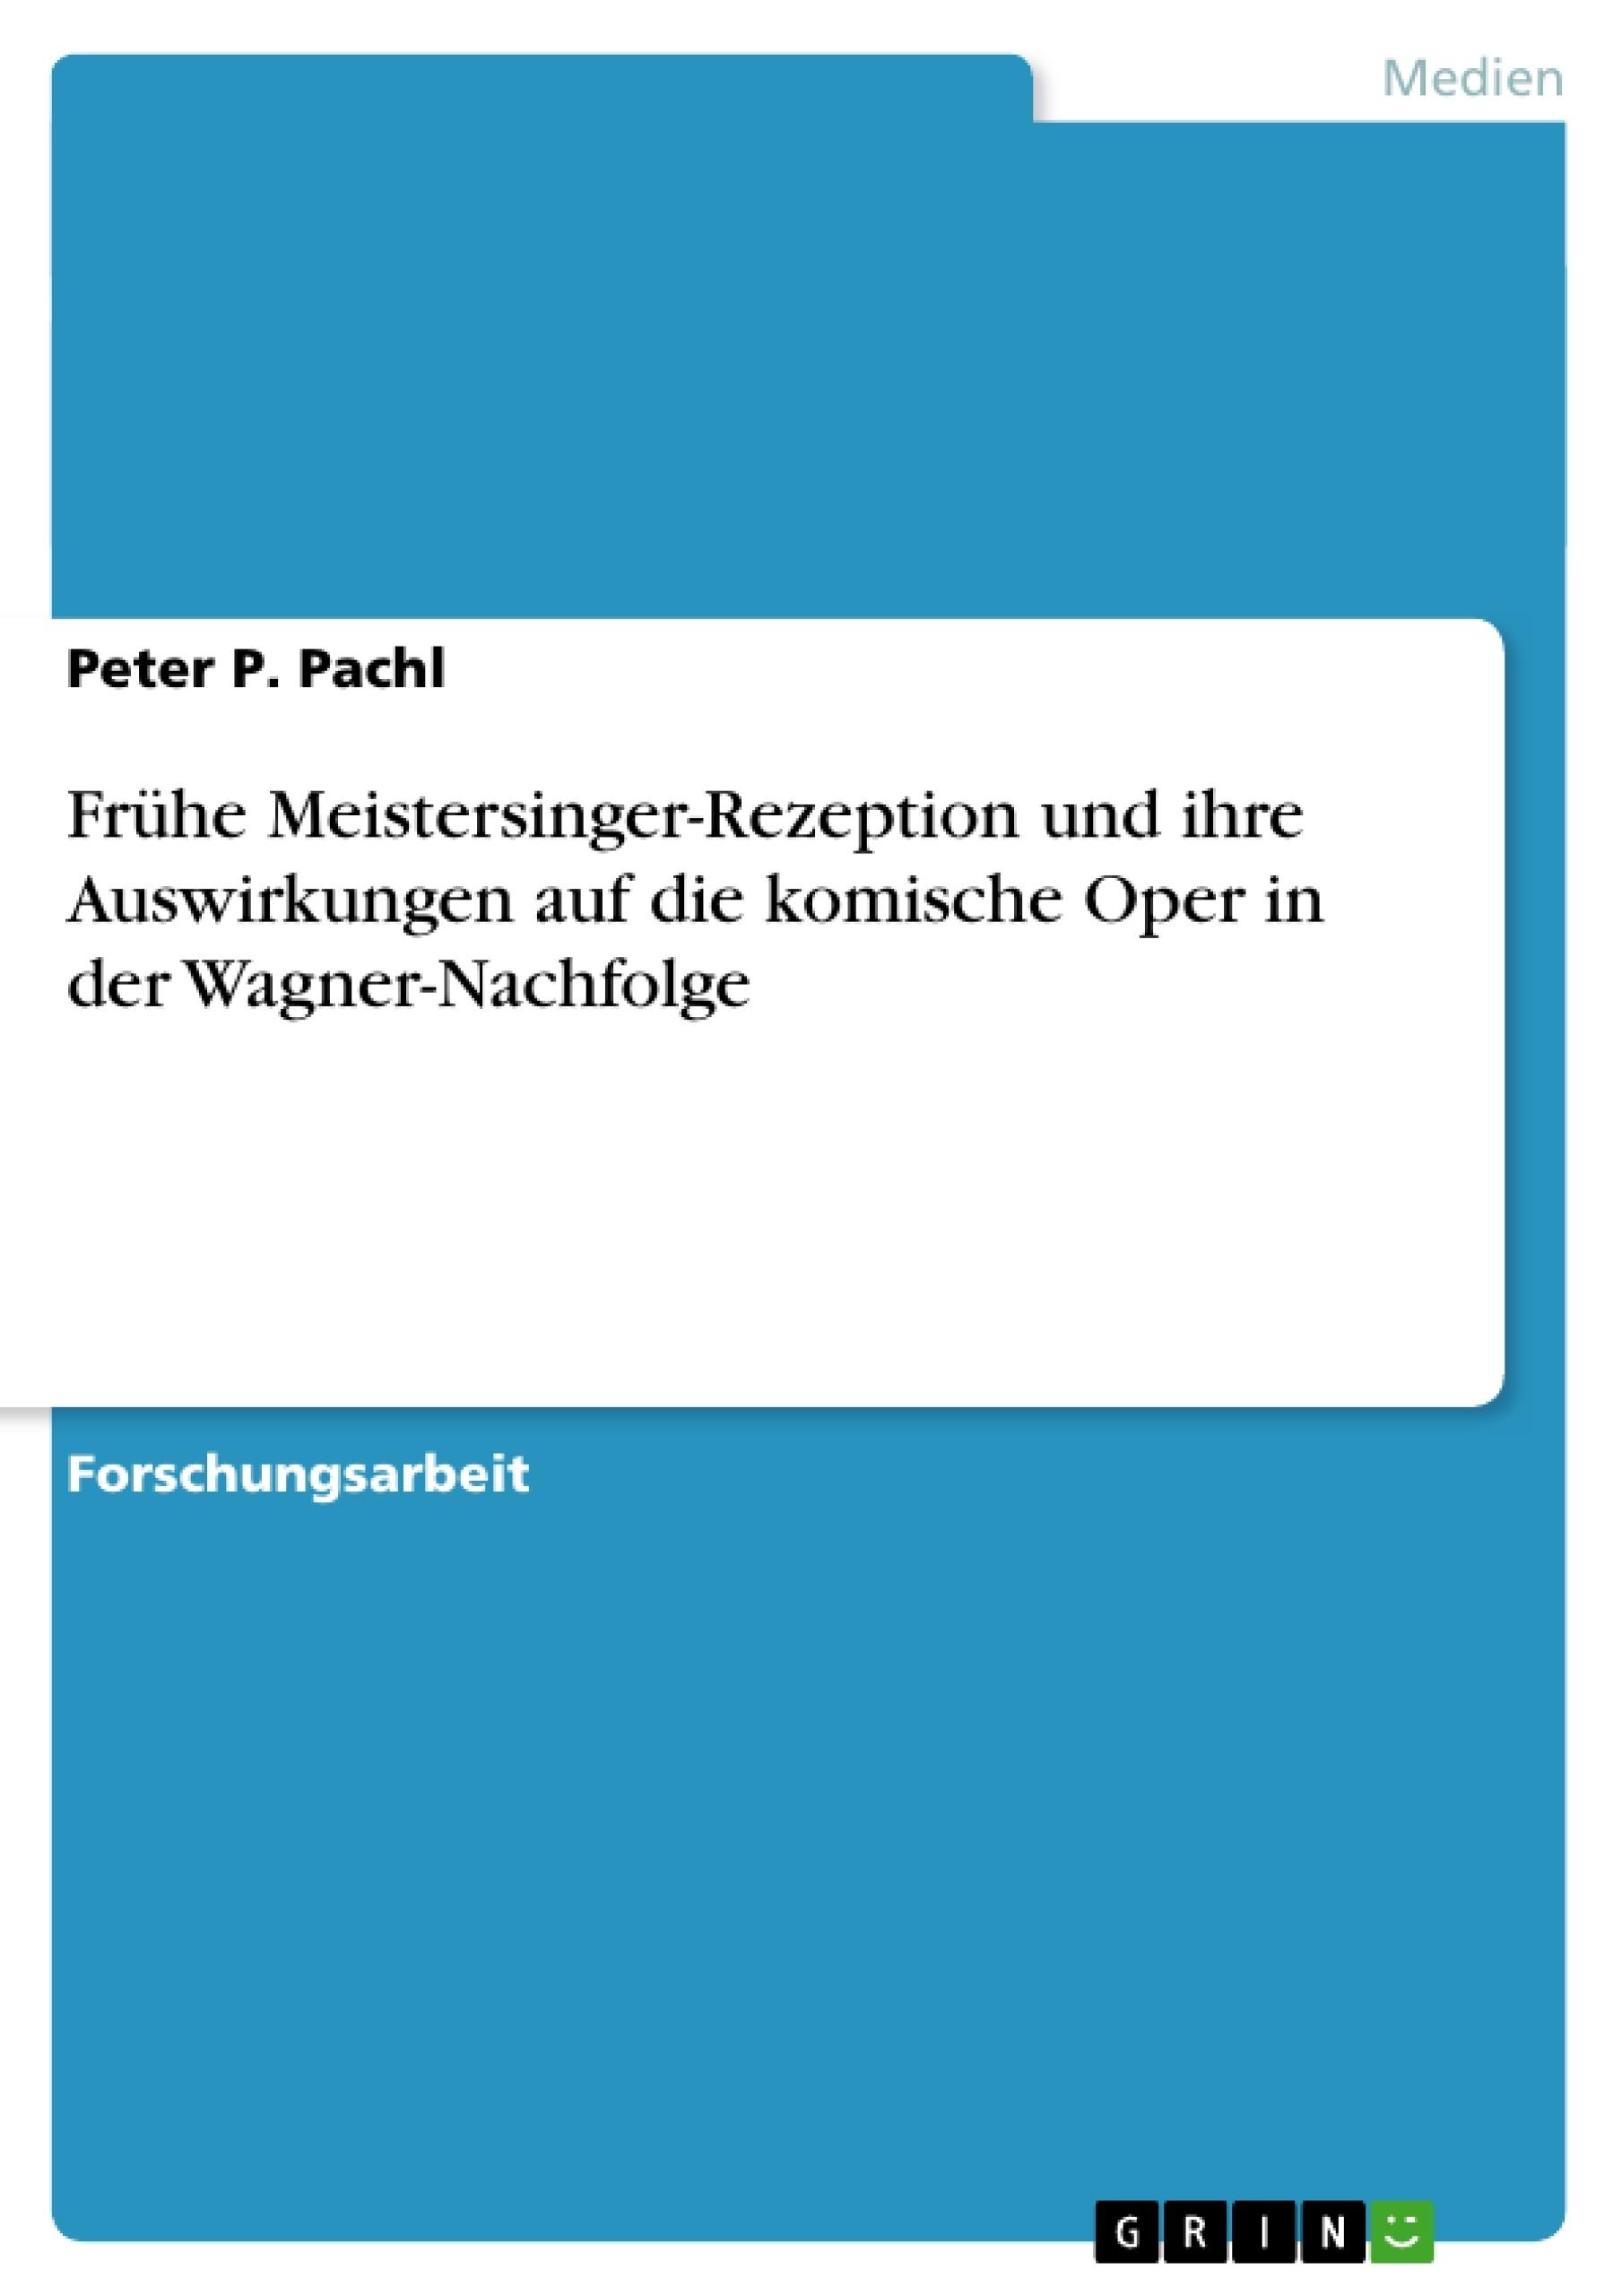 Titel: Frühe Meistersinger-Rezeption und ihre Auswirkungen auf die komische Oper in der Wagner-Nachfolge